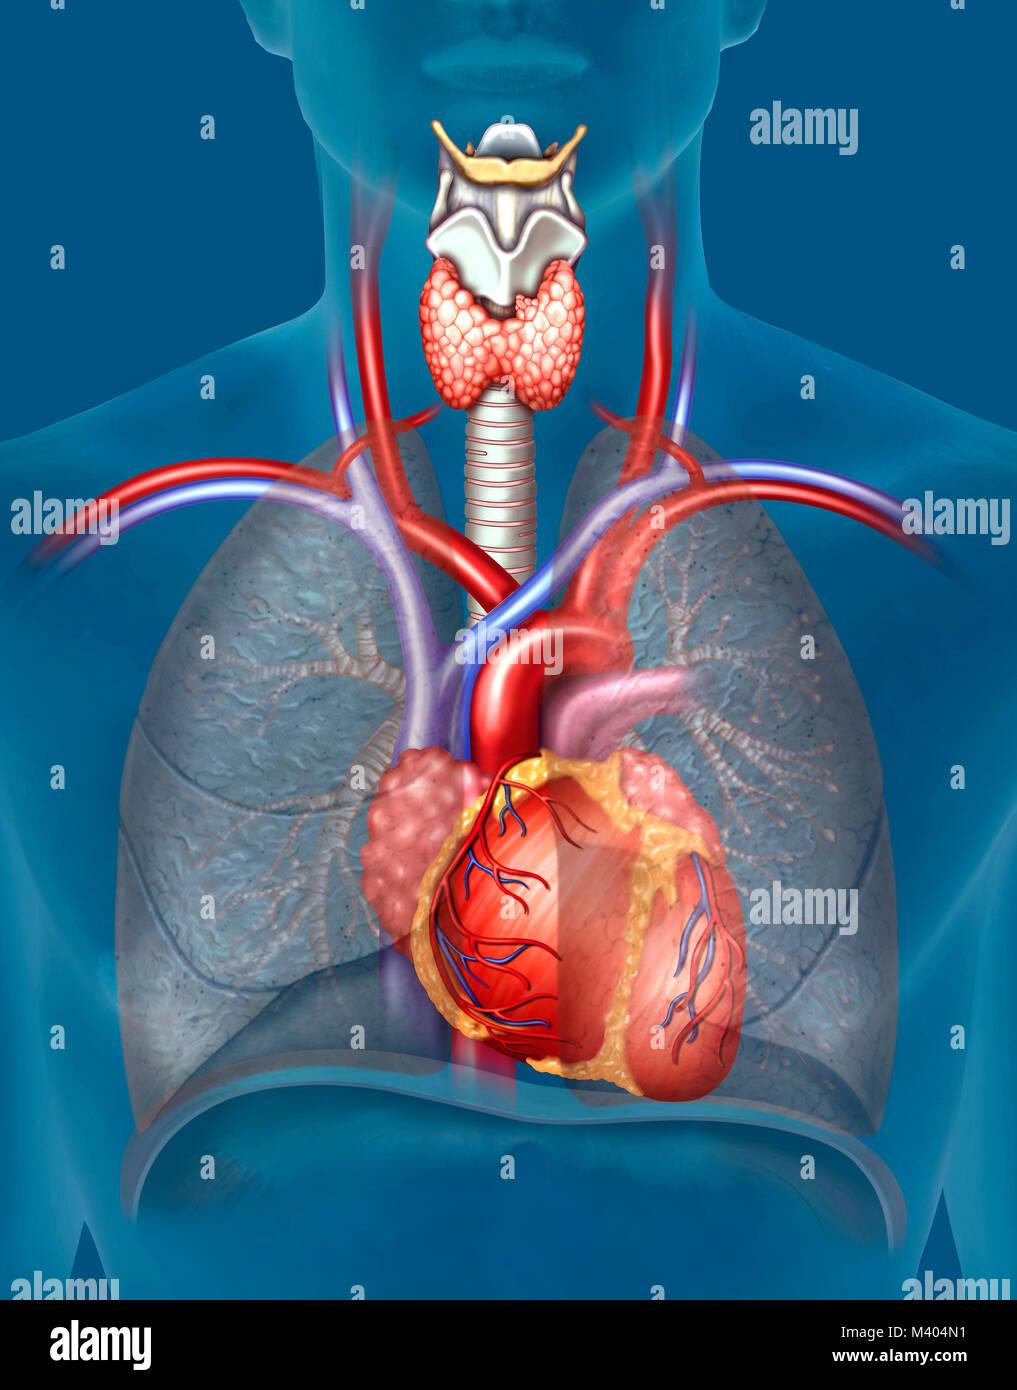 El aparato appareil cardiovasculaire, capaz de distribuir el oxígeno a través del bombeo de la sangre y canalización Banque D'Images